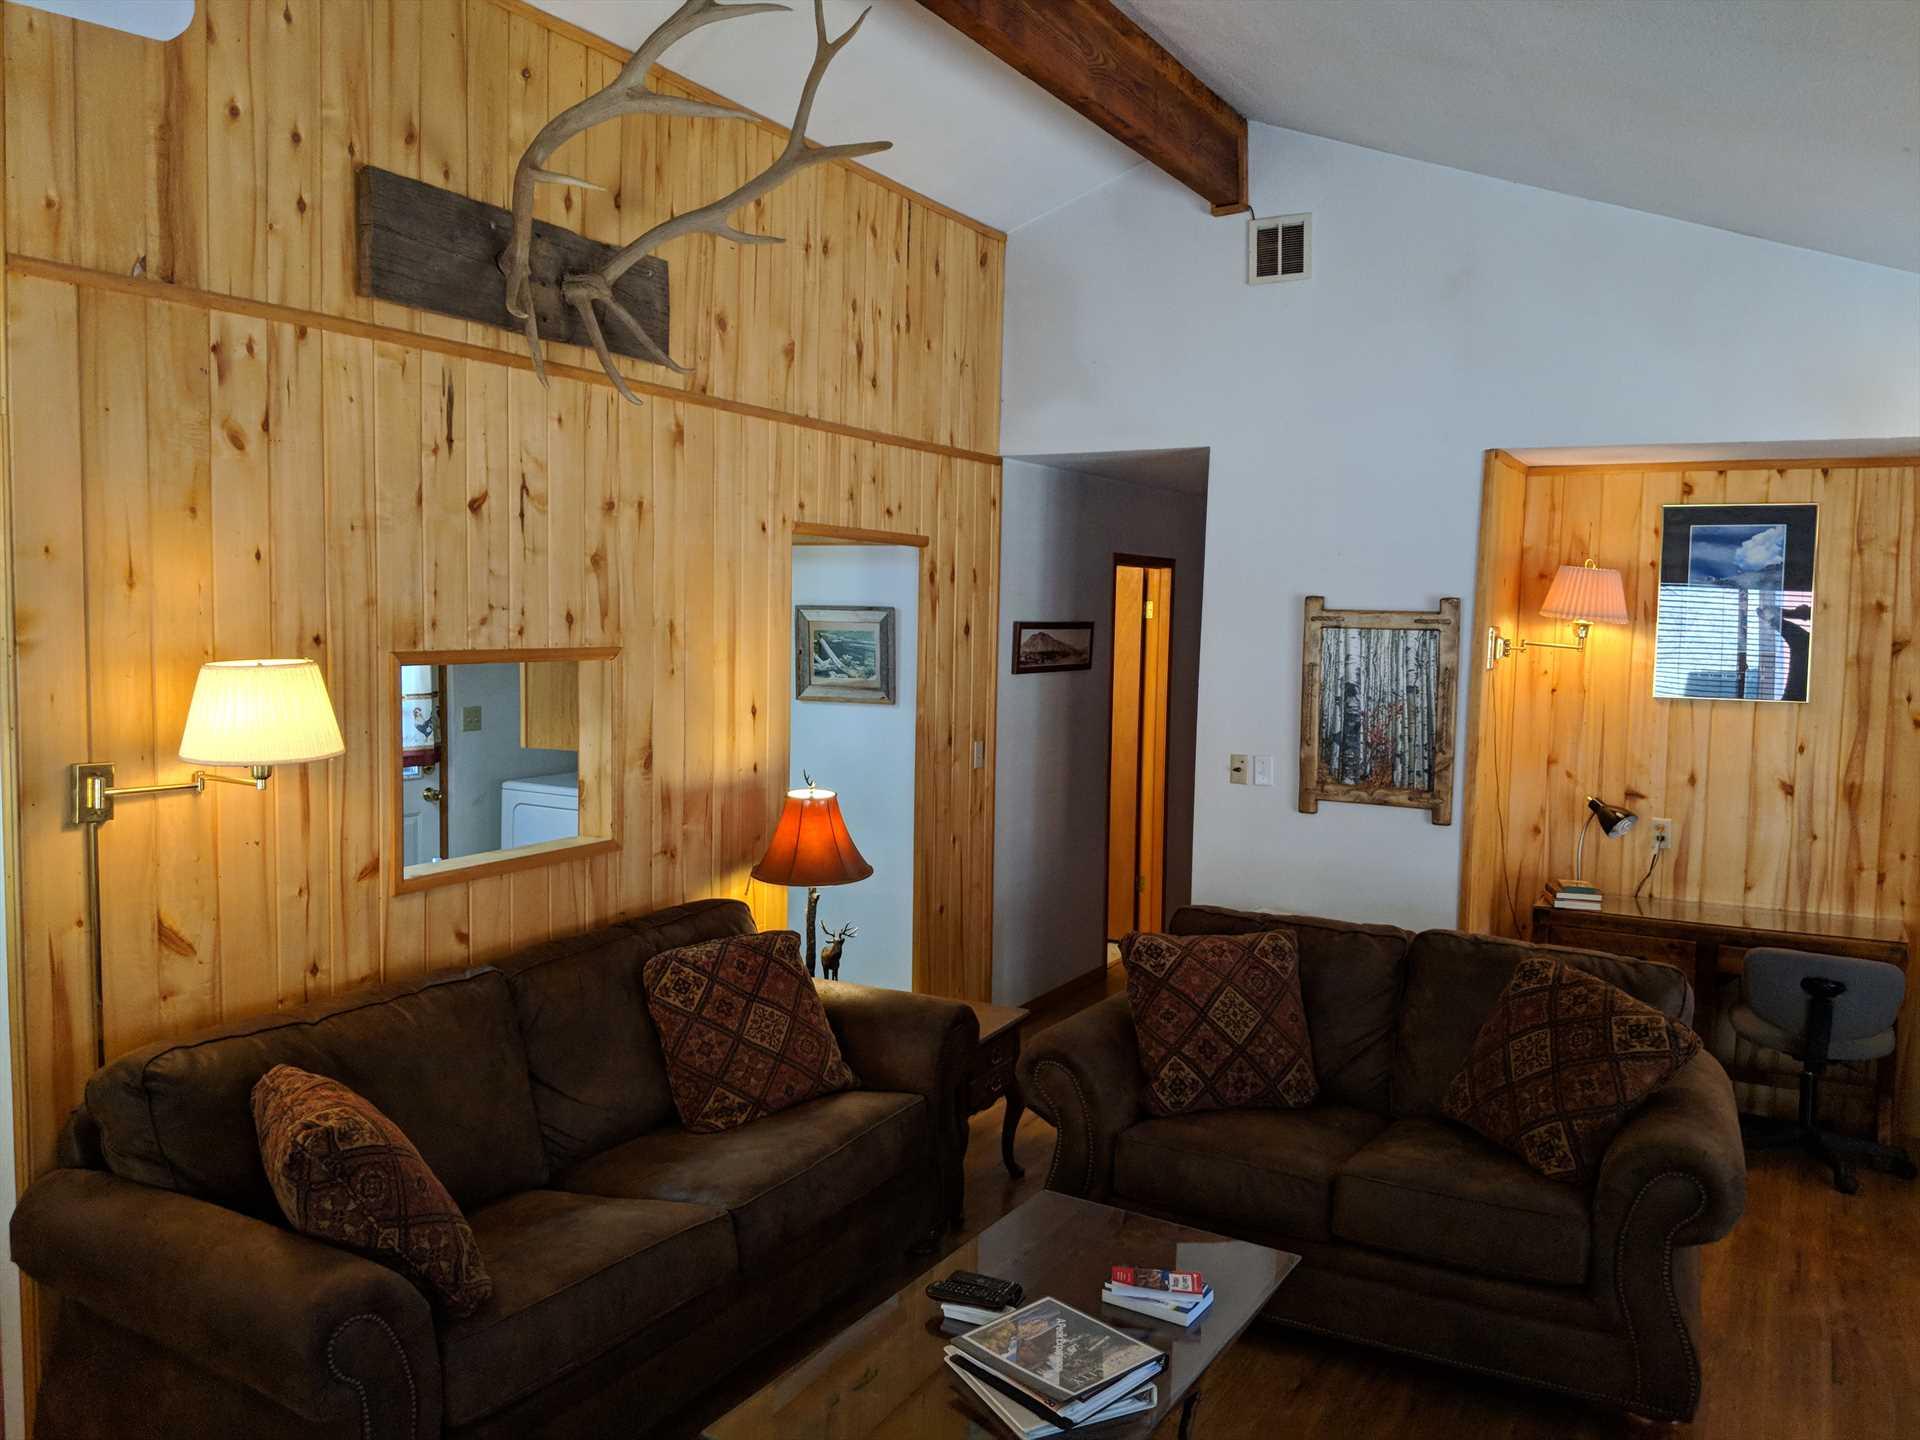 Sleeper Sofas in Living Room